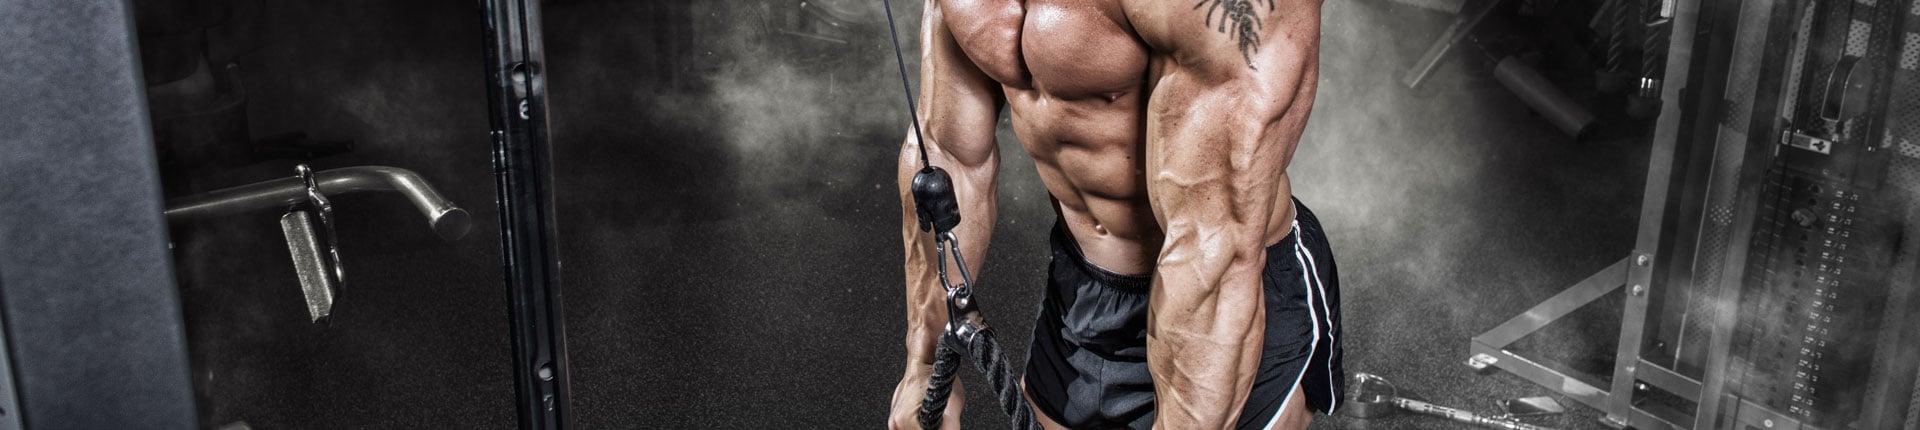 Technika ćwiczeń - uwarunkowania anatomiczne